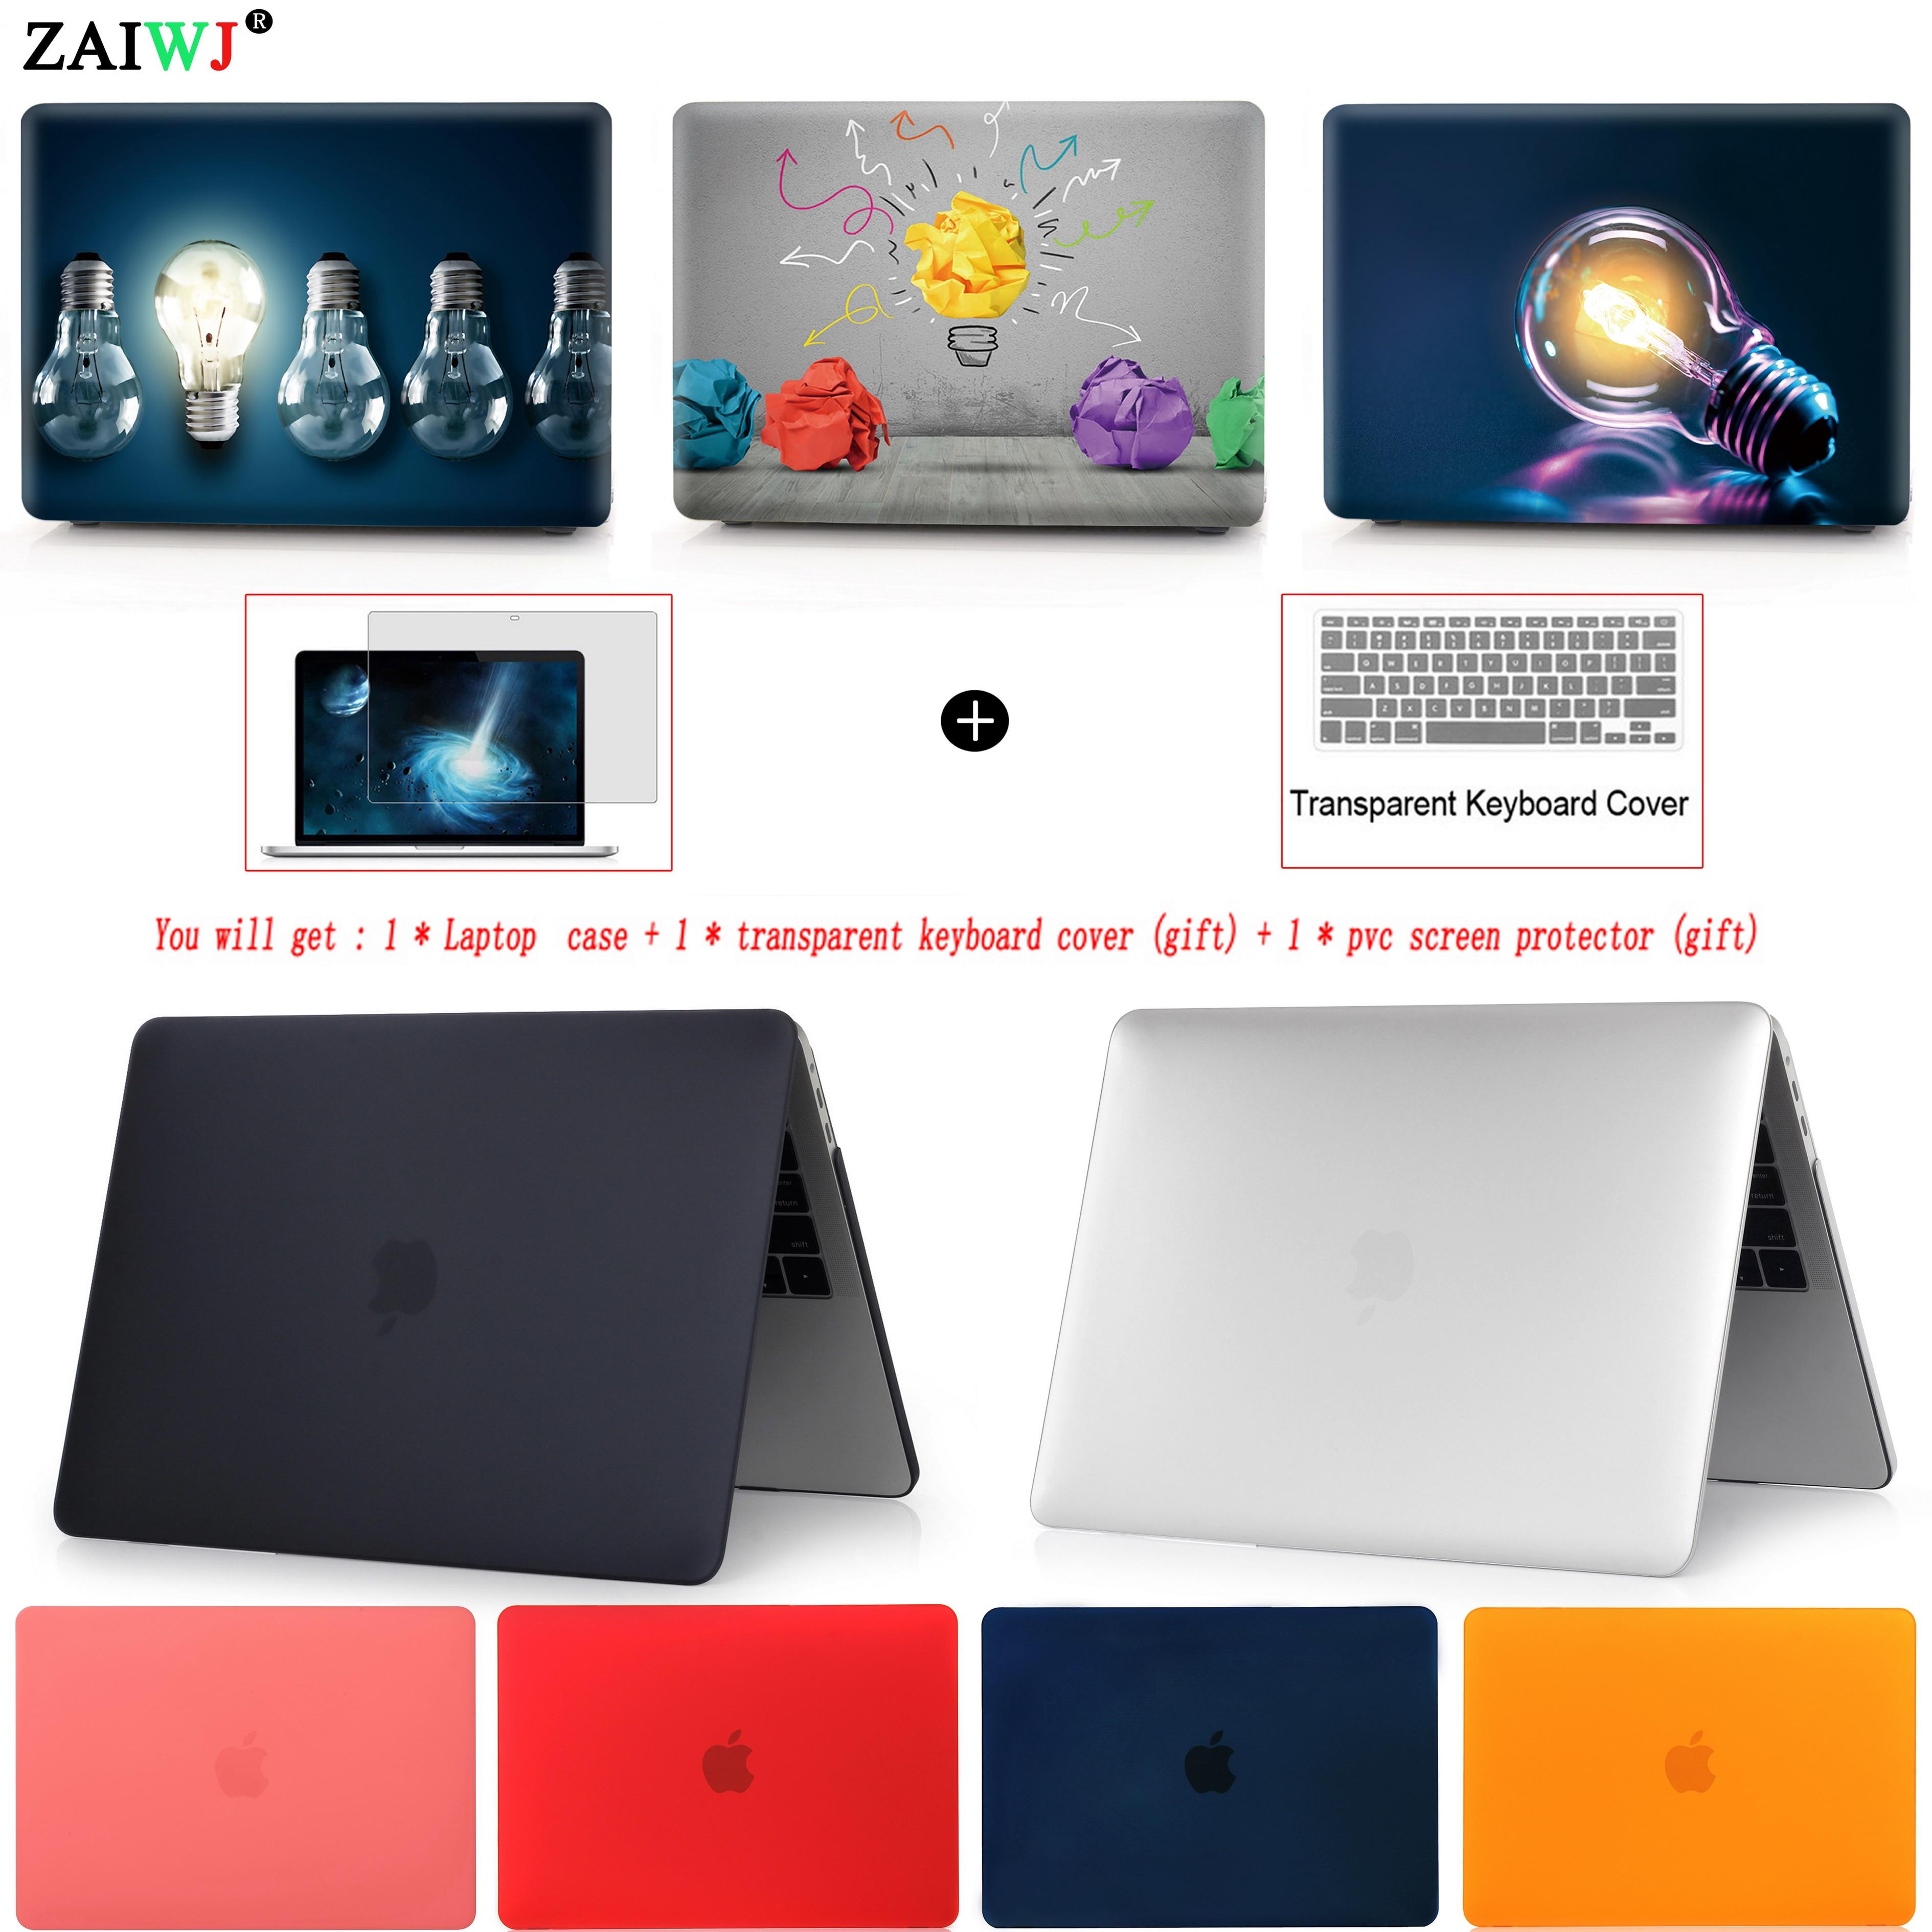 Nuevo 2018 bolsa de ordenador portátil para MacBook Air, Pro Retina, 11 12 13 15 para Mac Pro 13,3 de 15,4 pulgadas con touch Bar ID + teclado